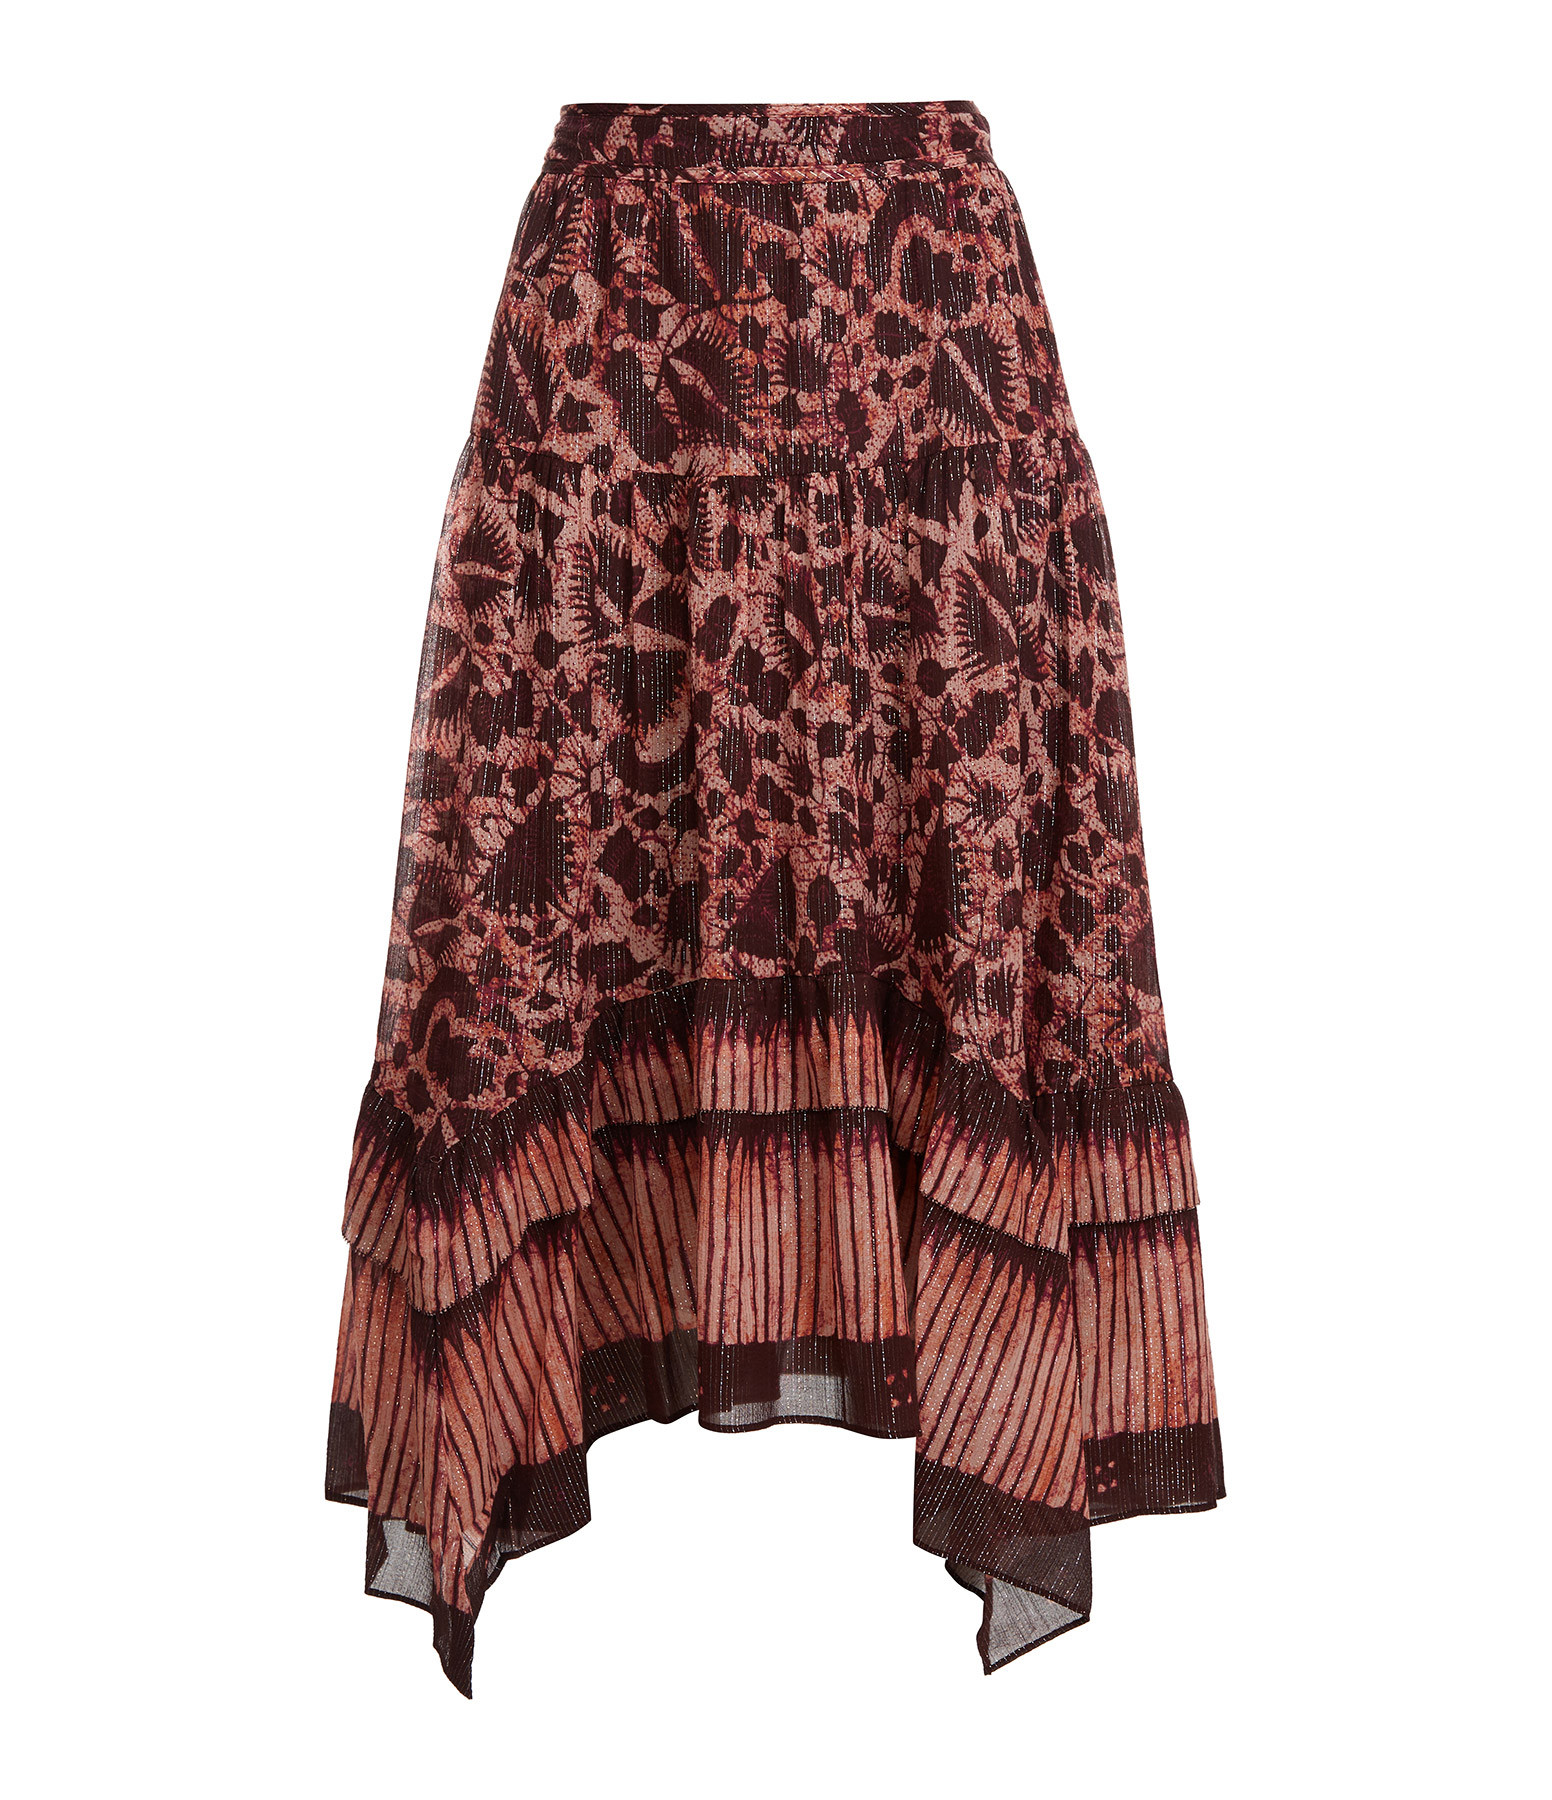 ULLA JOHNSON - Jupe Merisa Coton Soie Imprimé Batik Bordeaux